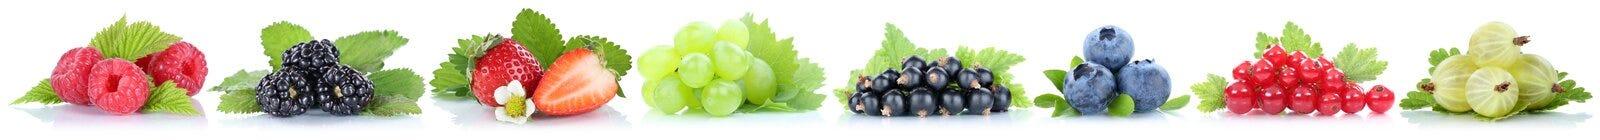 Coleção dos mirtilos das morangos das uvas dos frutos de bagas vermelhos Fotografia de Stock Royalty Free